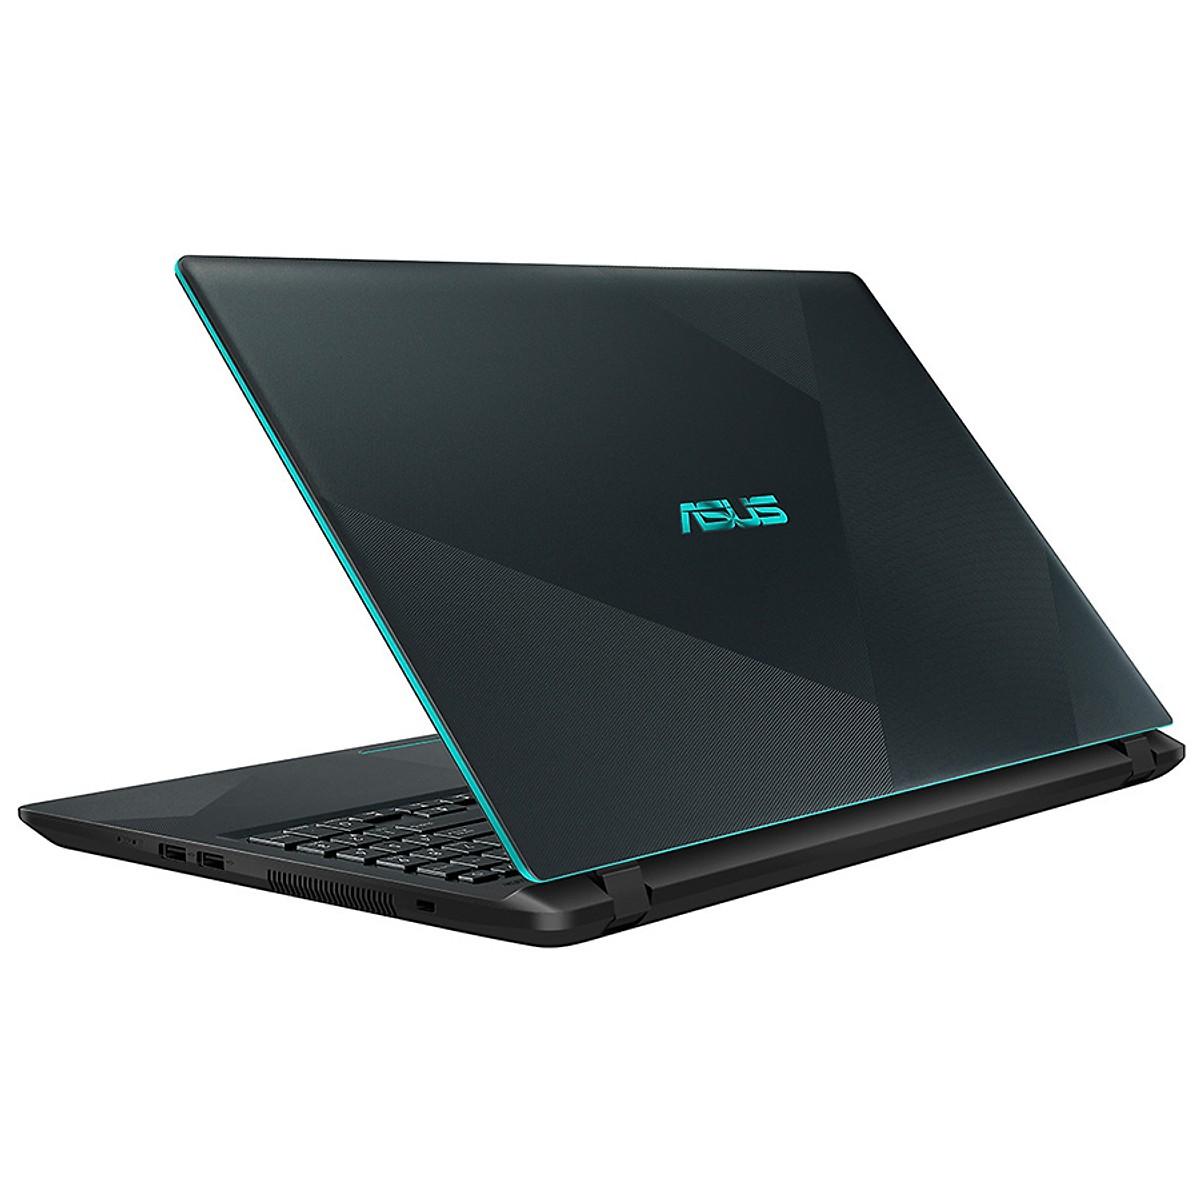 Asus   Máy tính xách tay - Laptop    Laptop Asus F560UD-BQ400T Core i5-8250U/ Win10/ GTX 1050 (15.6